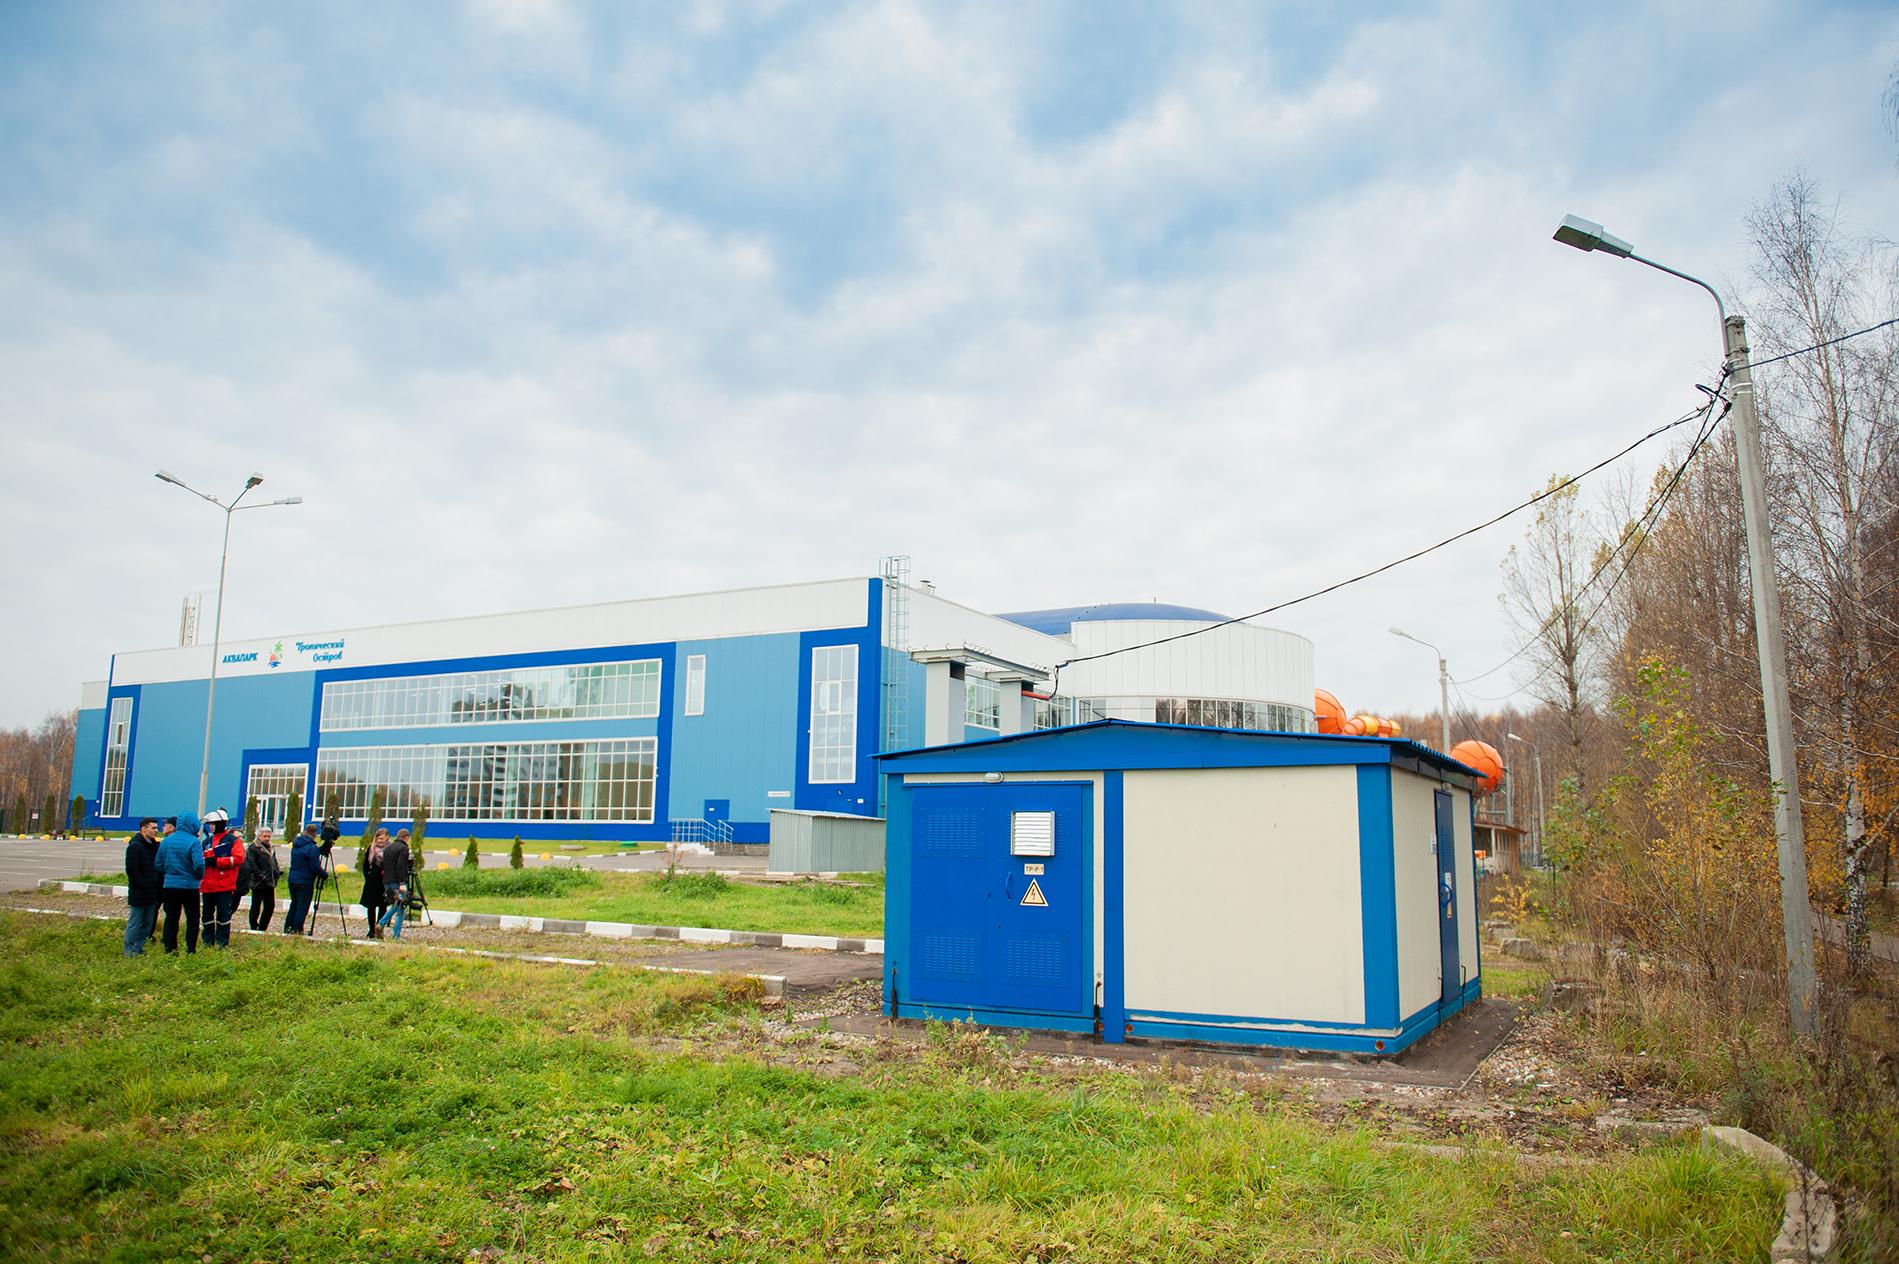 Энергетики «Россети Центр Ярэнерго» за пять лет отремонтировали и построили 482 энергообъекта в городе Ярославле